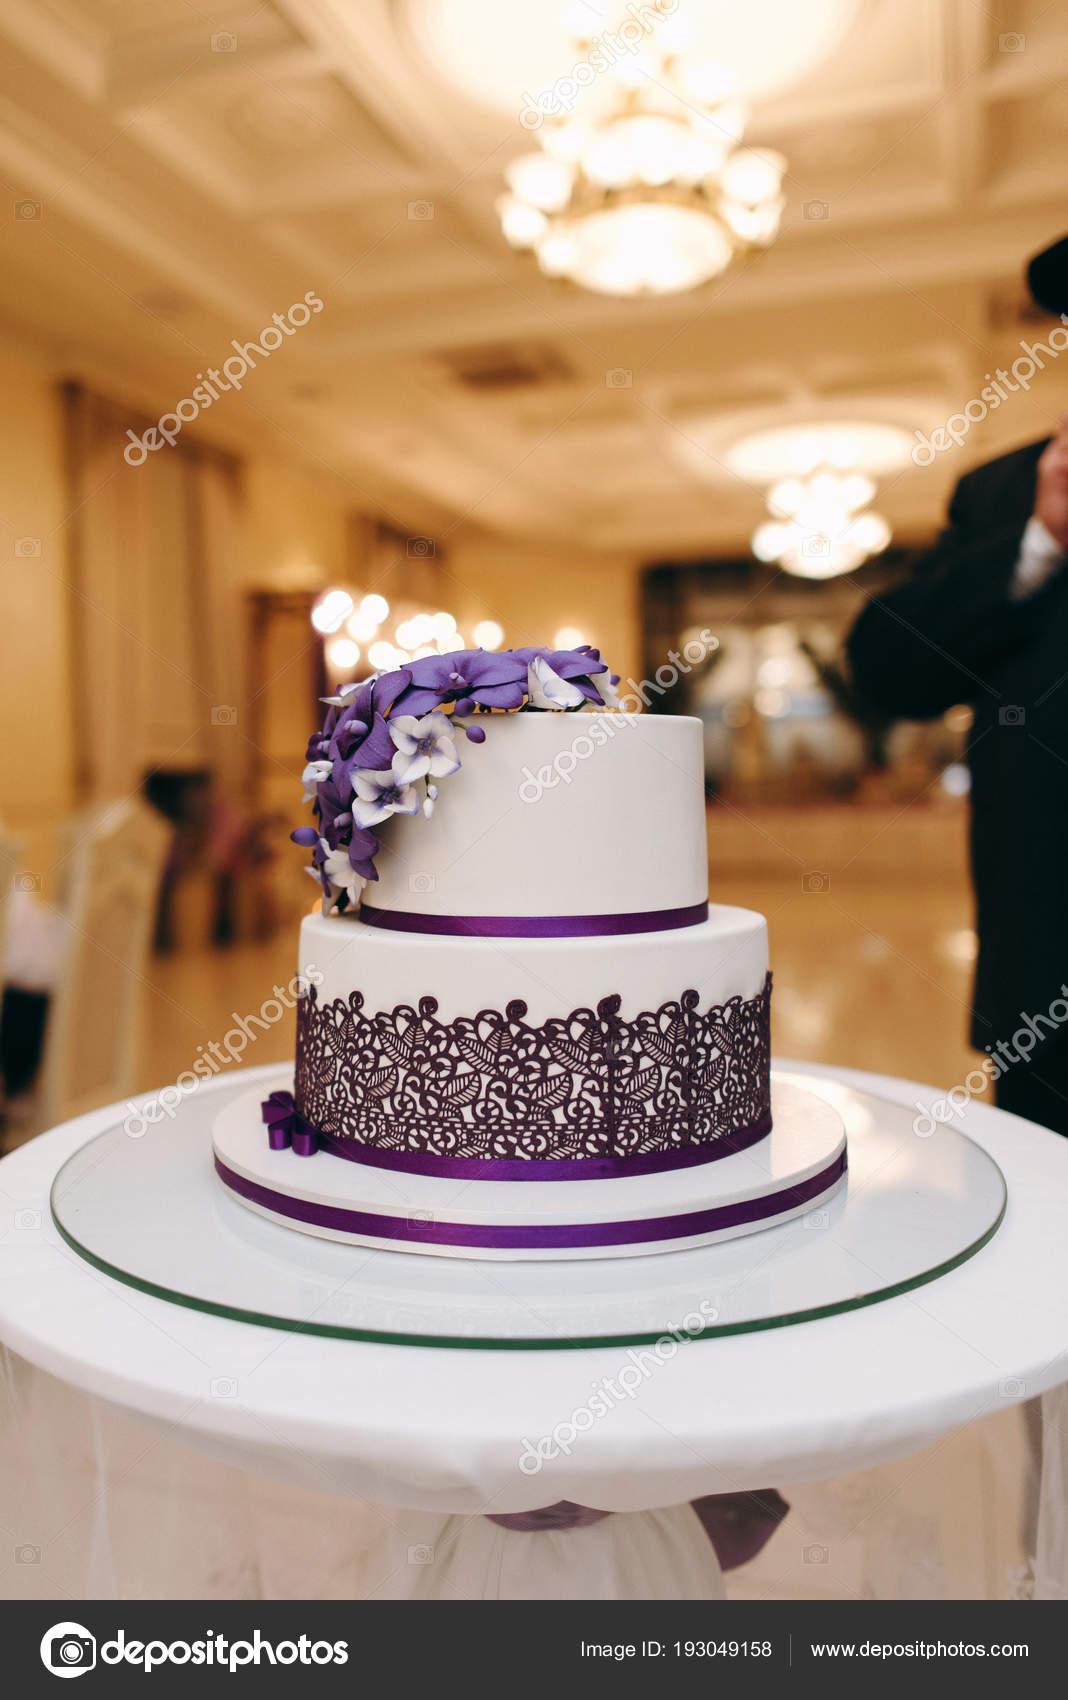 Hochzeitstorte Weiss Und Lila Farben Mit Blumen Auf Weissem Etagere